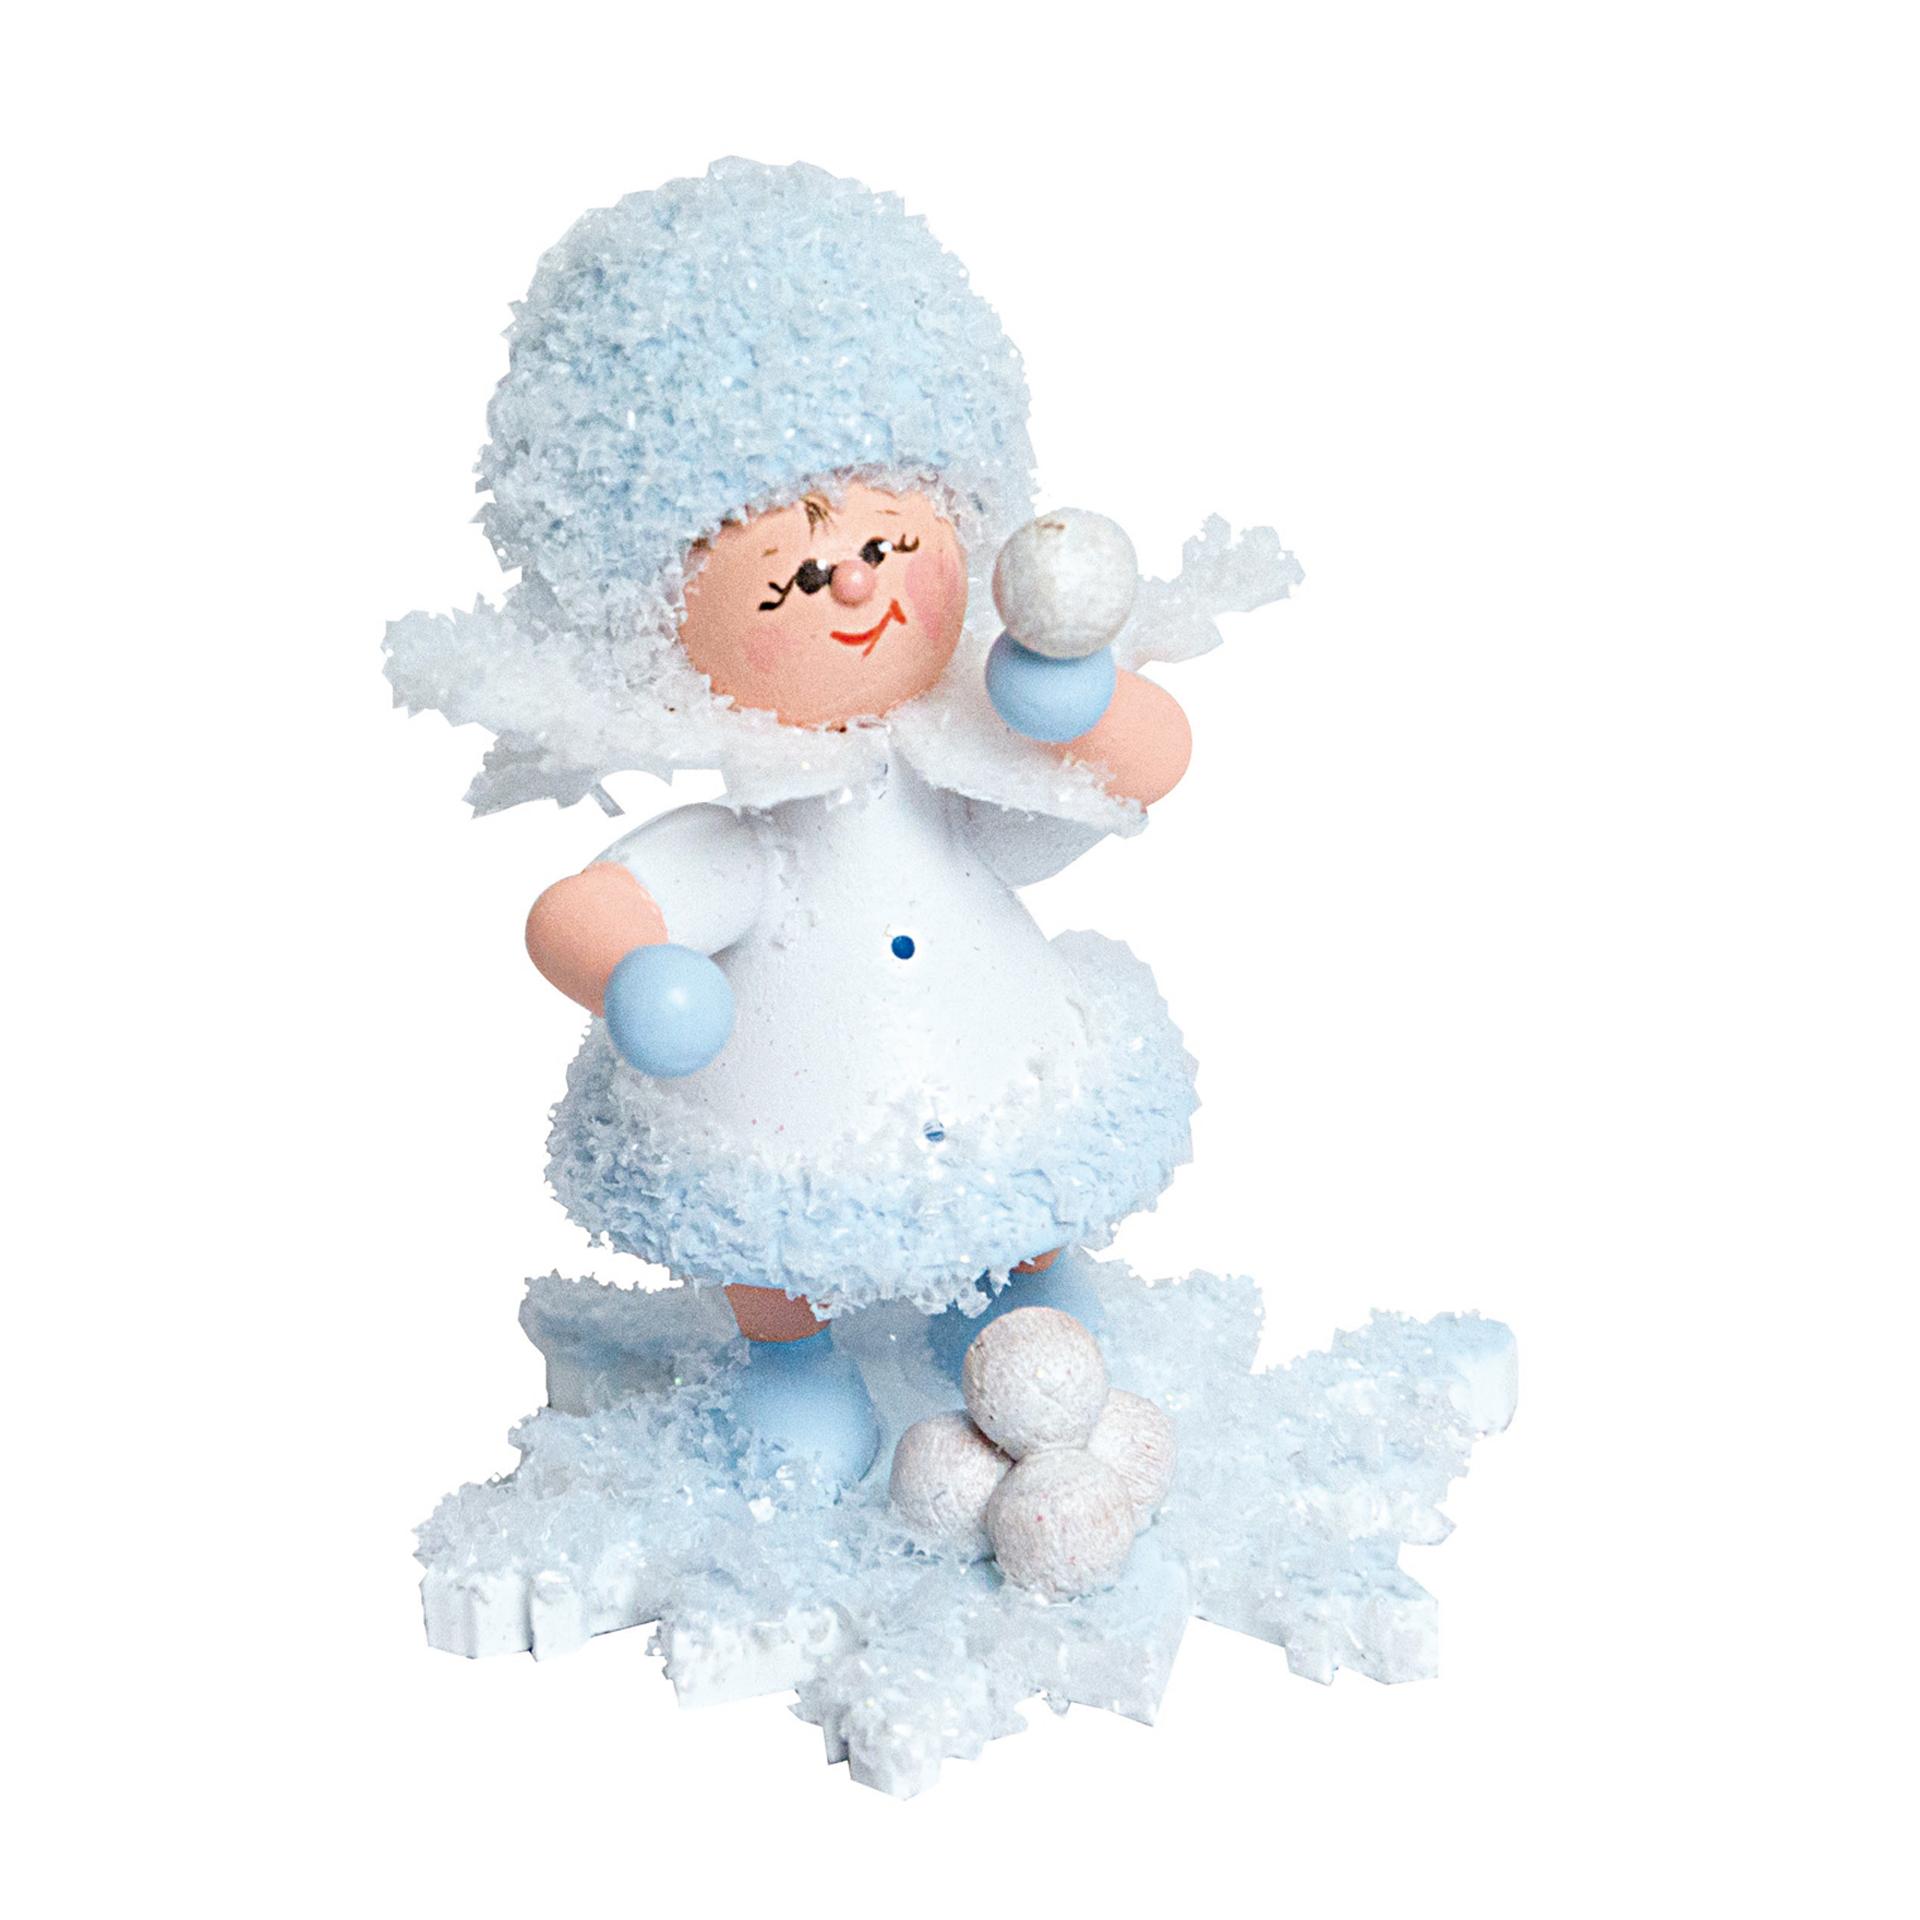 Schneeflöckchen Schneeballschlacht